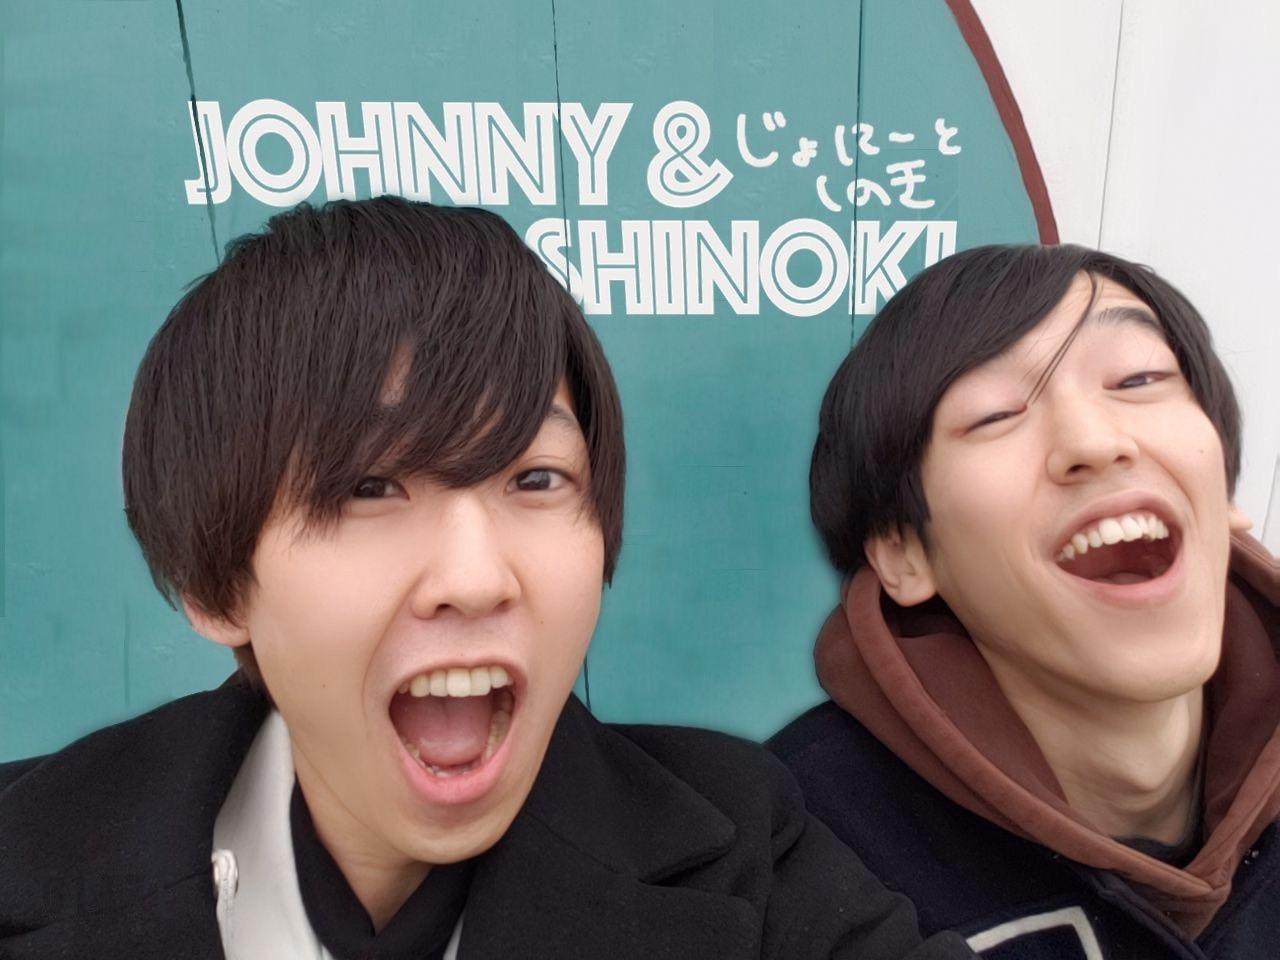 ナカムラ♠︎(モアリズム)/じょにー&しのき(Johnny Yoshi Hiro, 篠木拓哉)